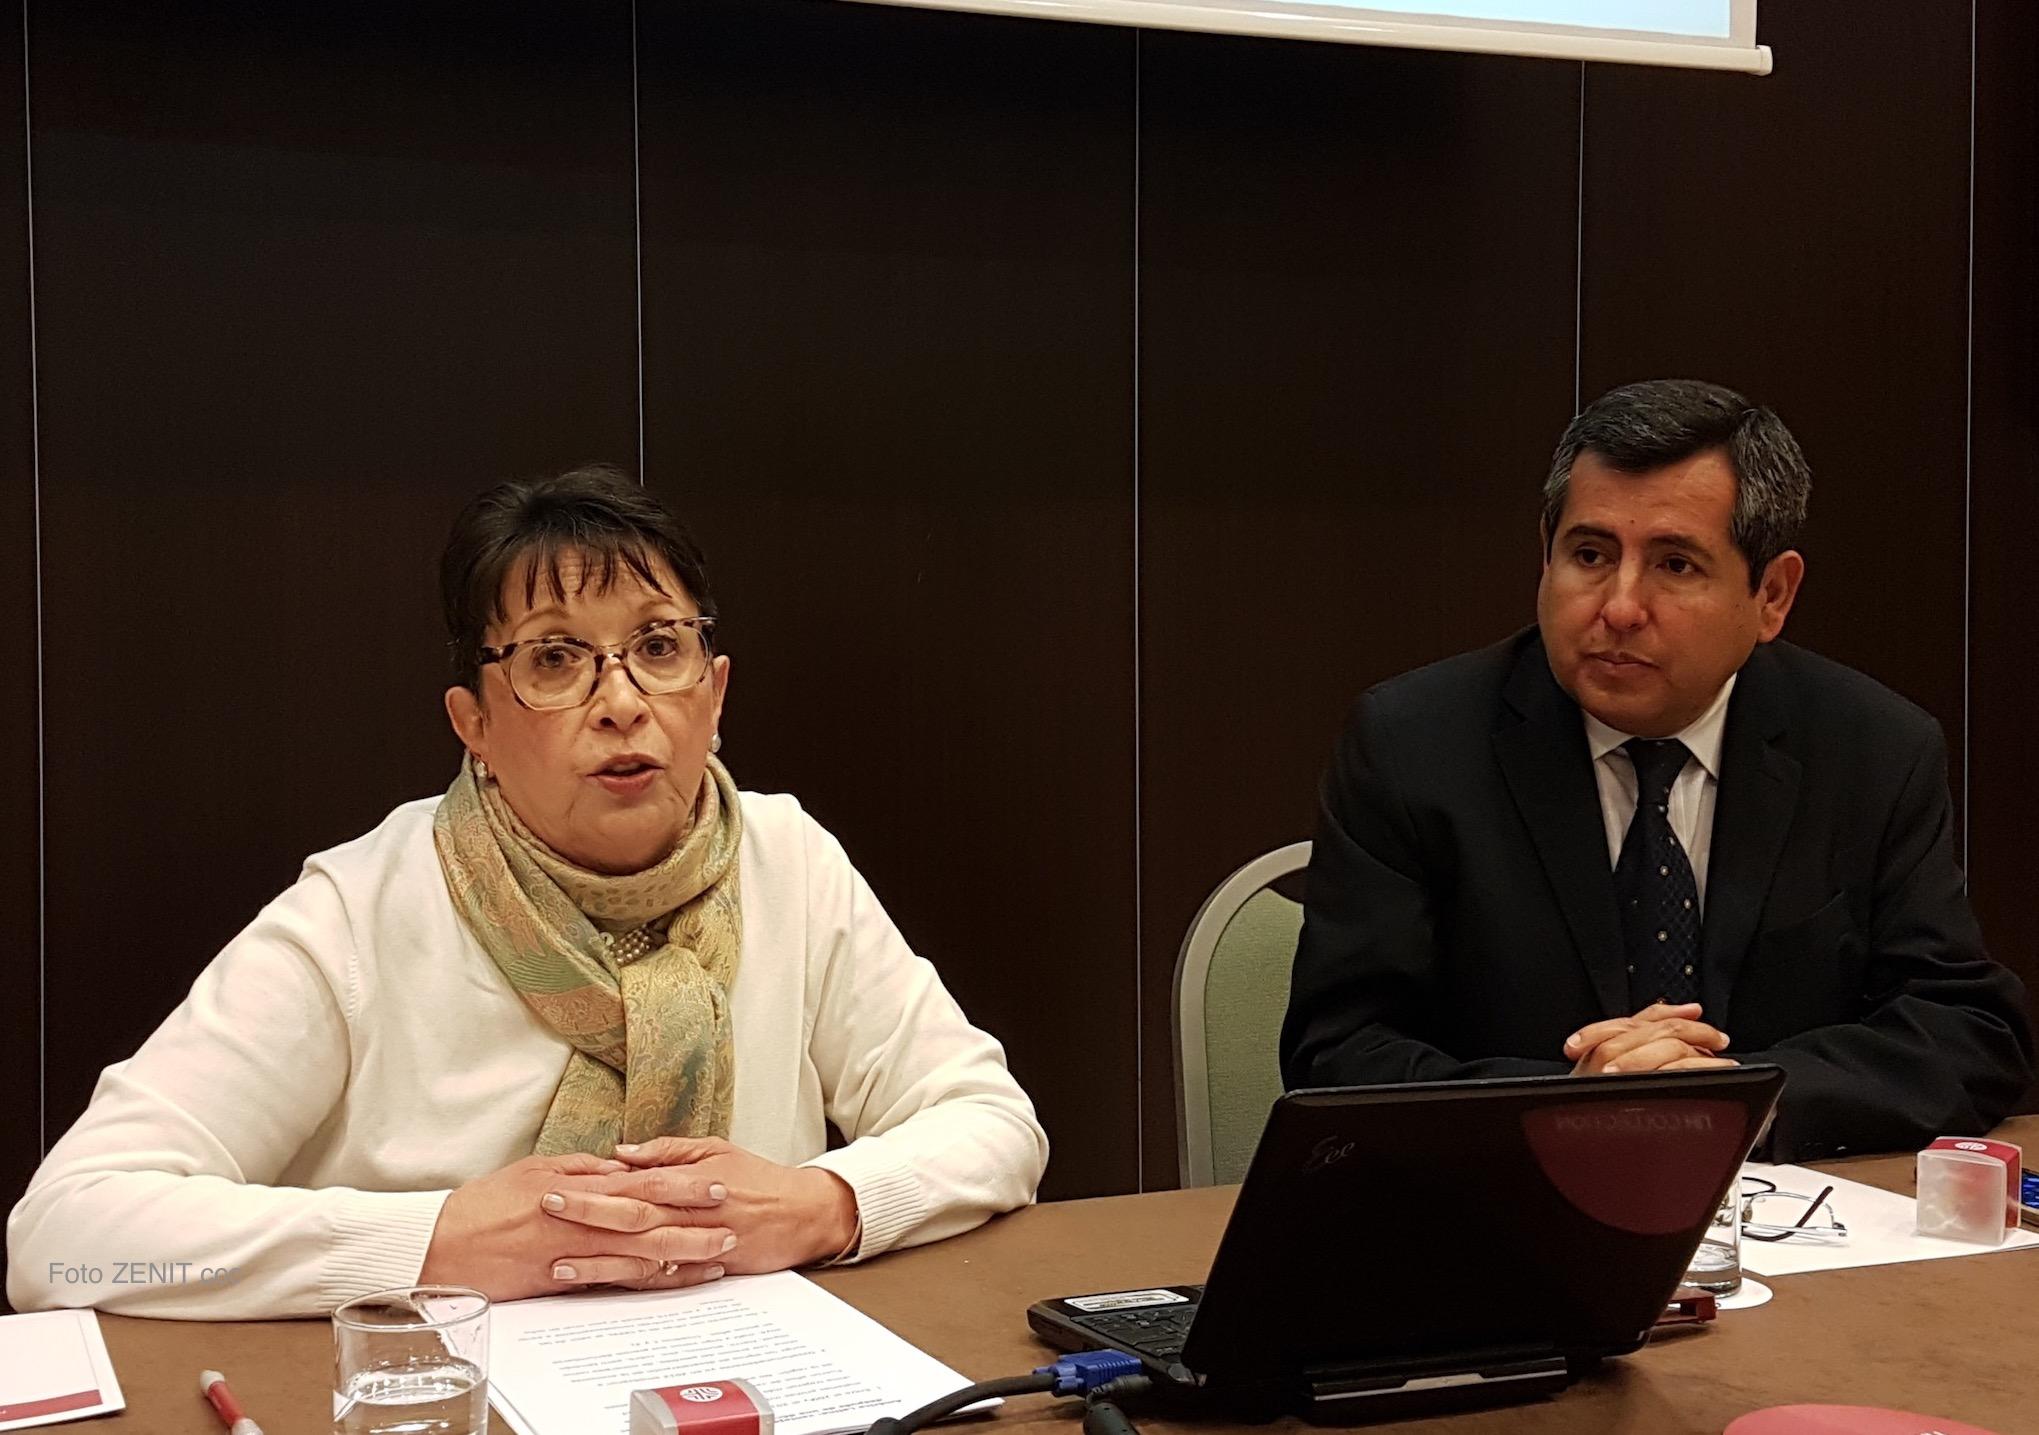 La embajadora de Costa Rica en Italia, Cristina Eguizábal Mendoza